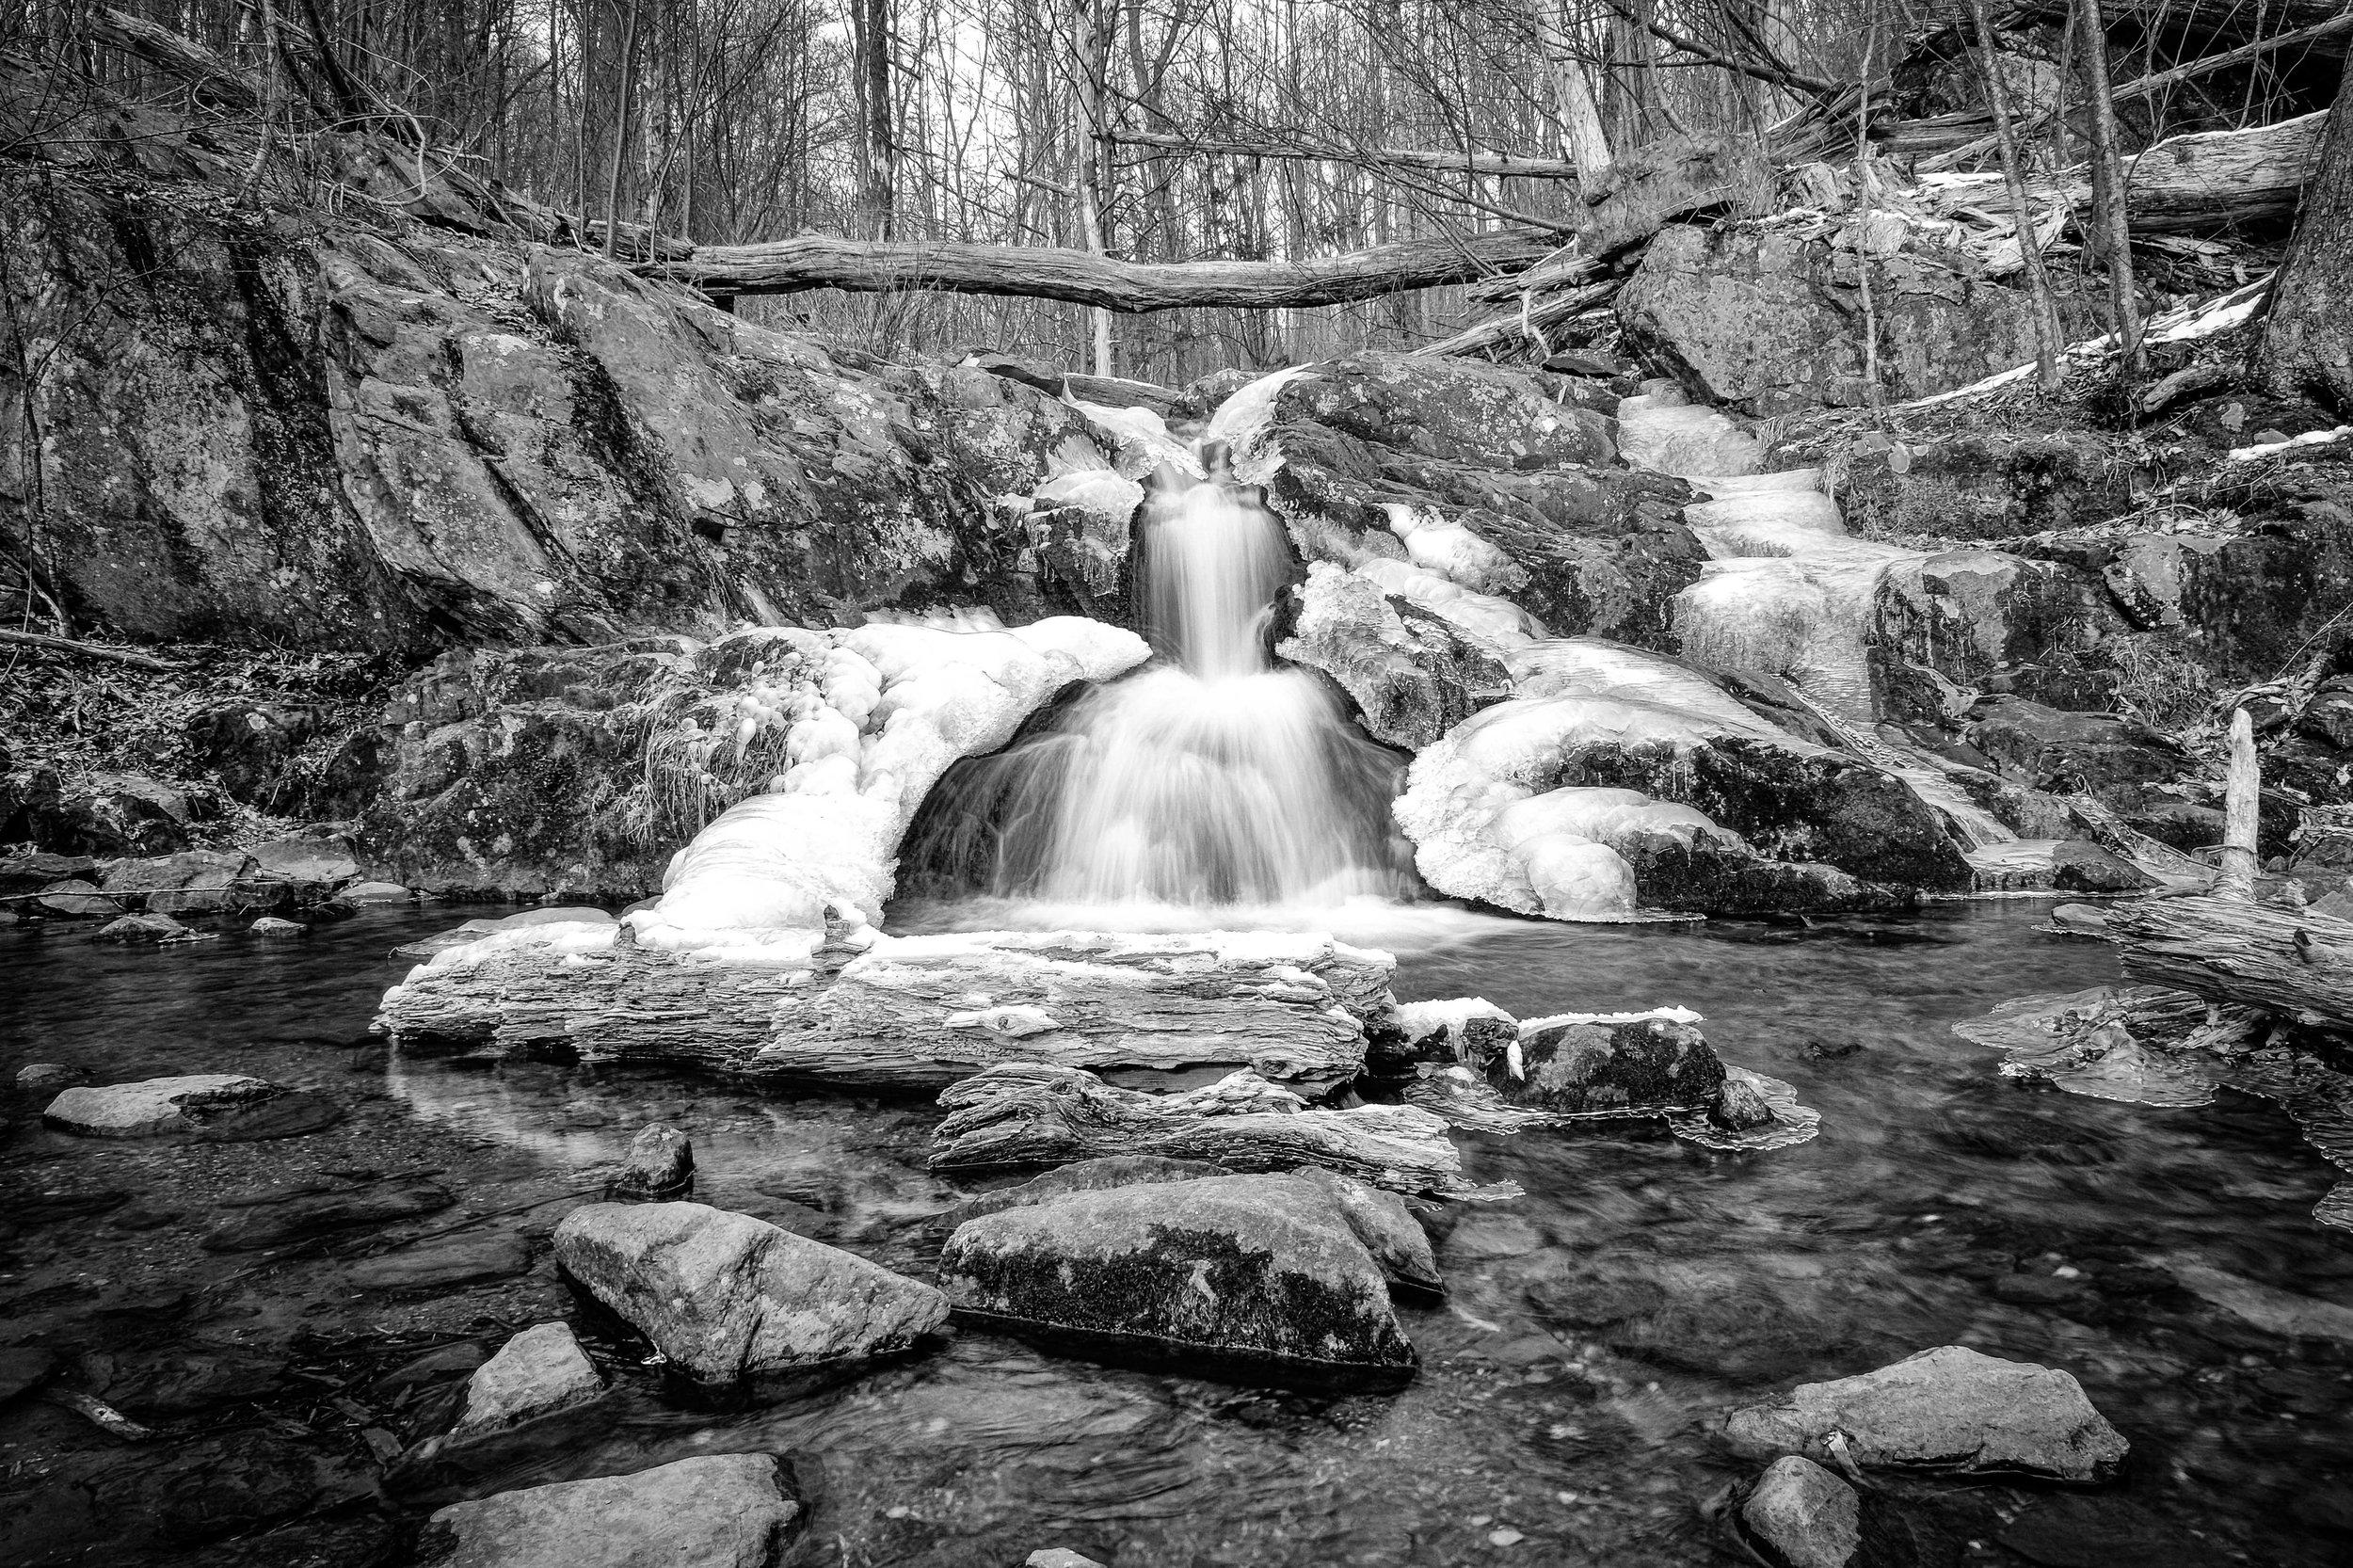 20160214-JI-Shenandoah National Park-235-_DSF9469-Edit.jpg